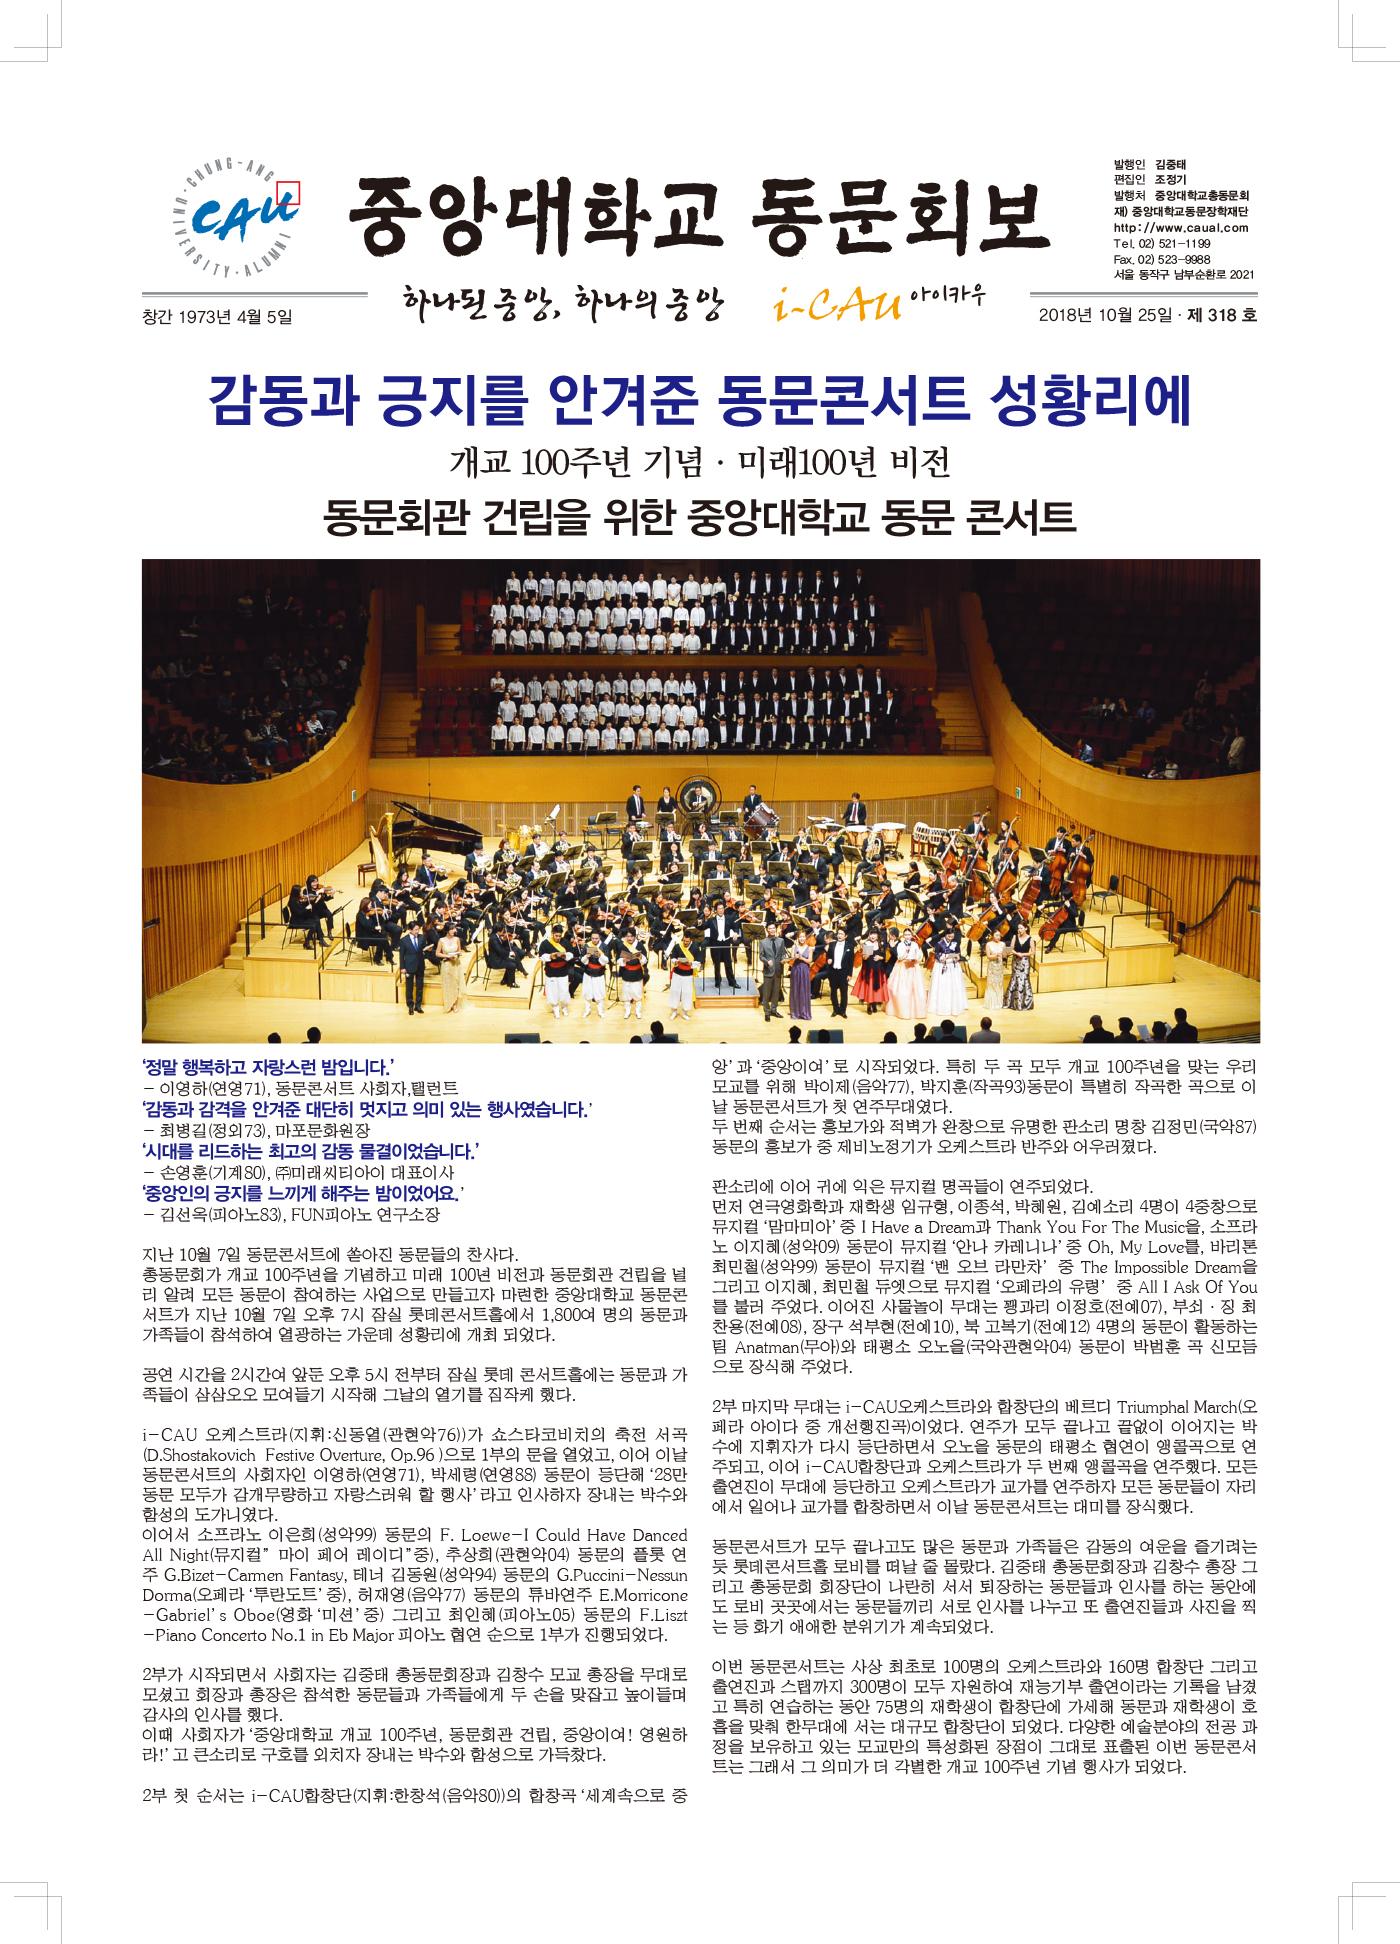 중앙대학교동문318호회보-1.jpg